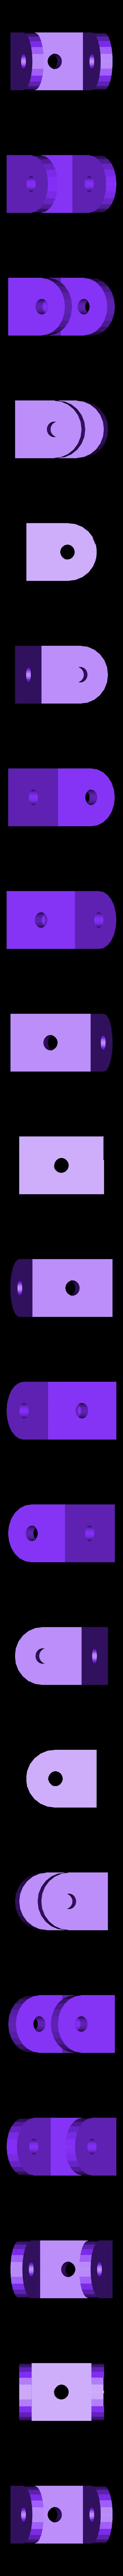 Stab_Piece4.stl Download STL file Shoulder pad for DSLR type GH4, 5D • 3D print design, Smile